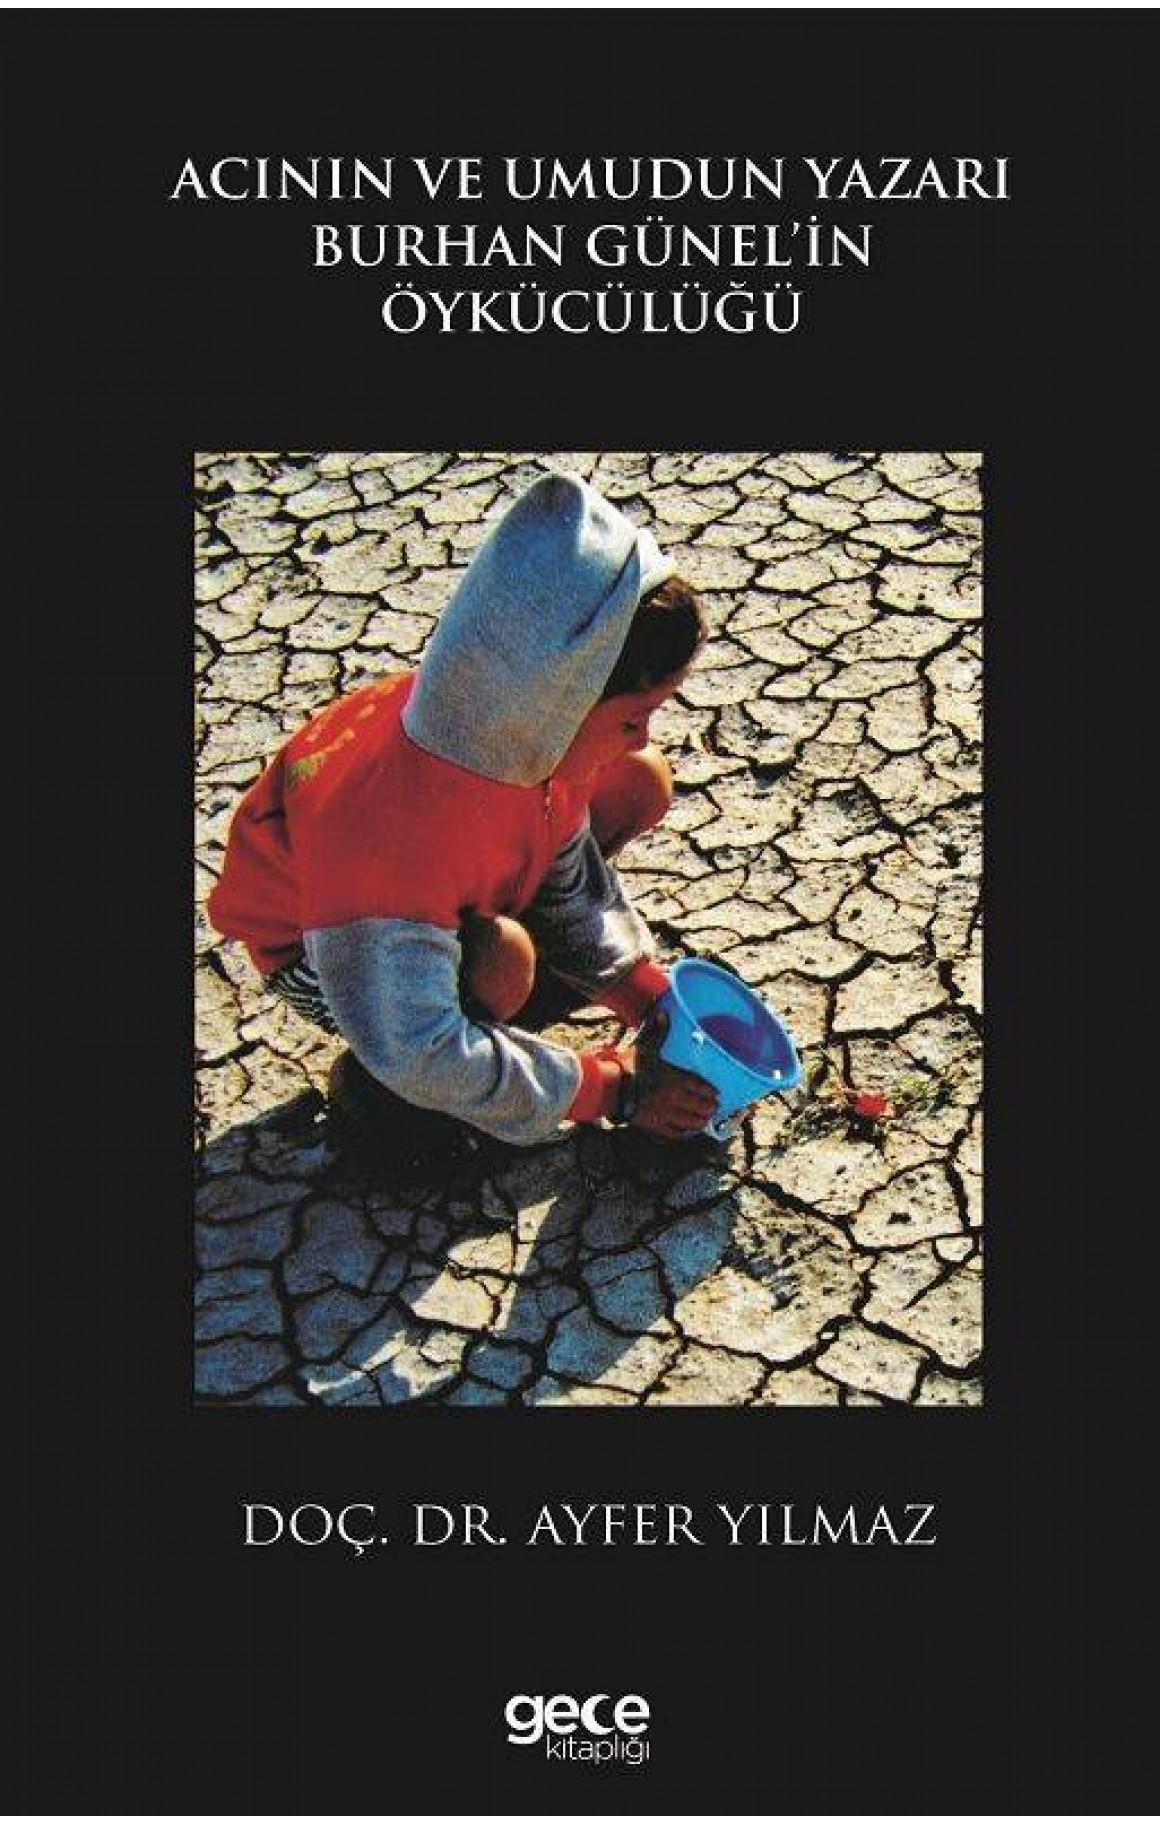 Acının ve Umudun Yazarı Burhan Günel'in Öykücülüğü